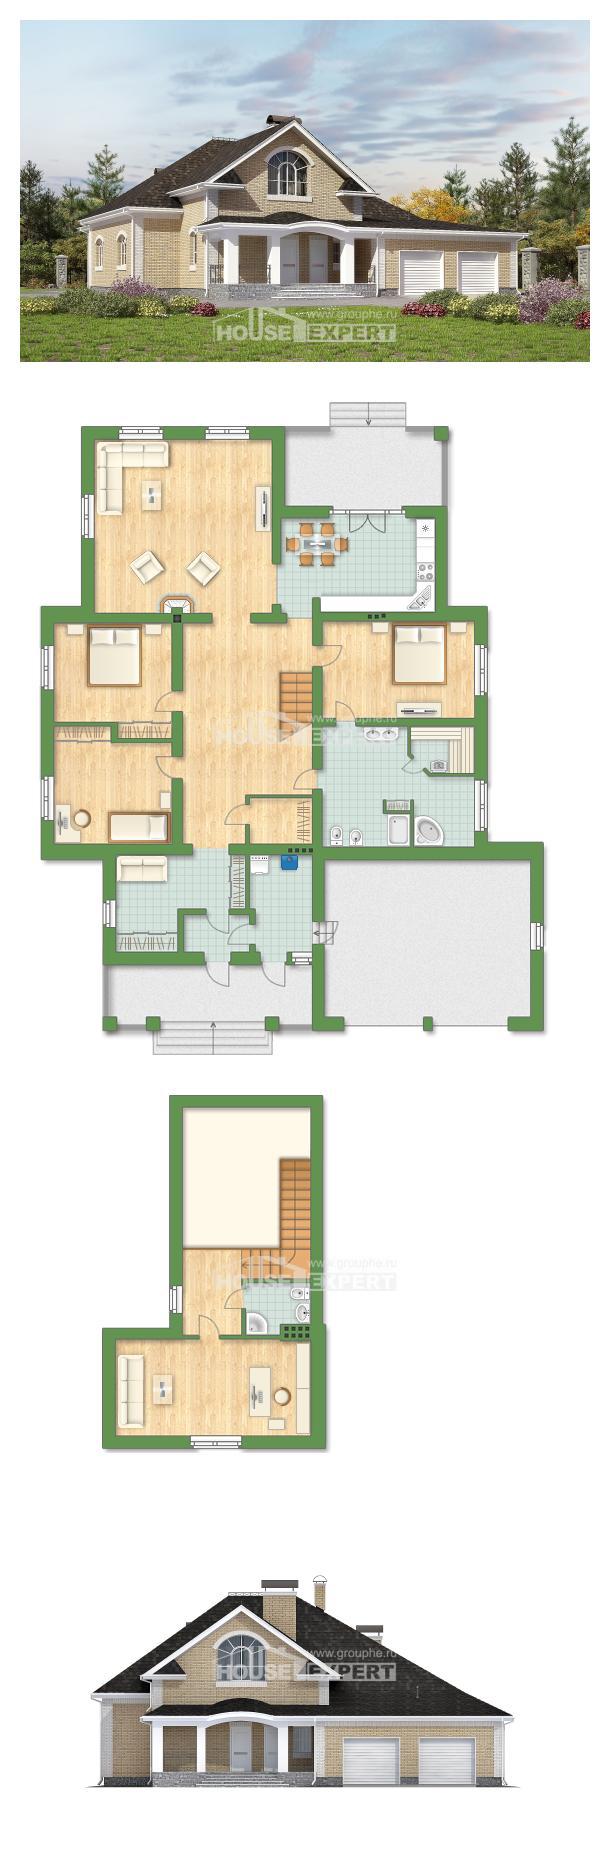 Plan 290-001-R | House Expert